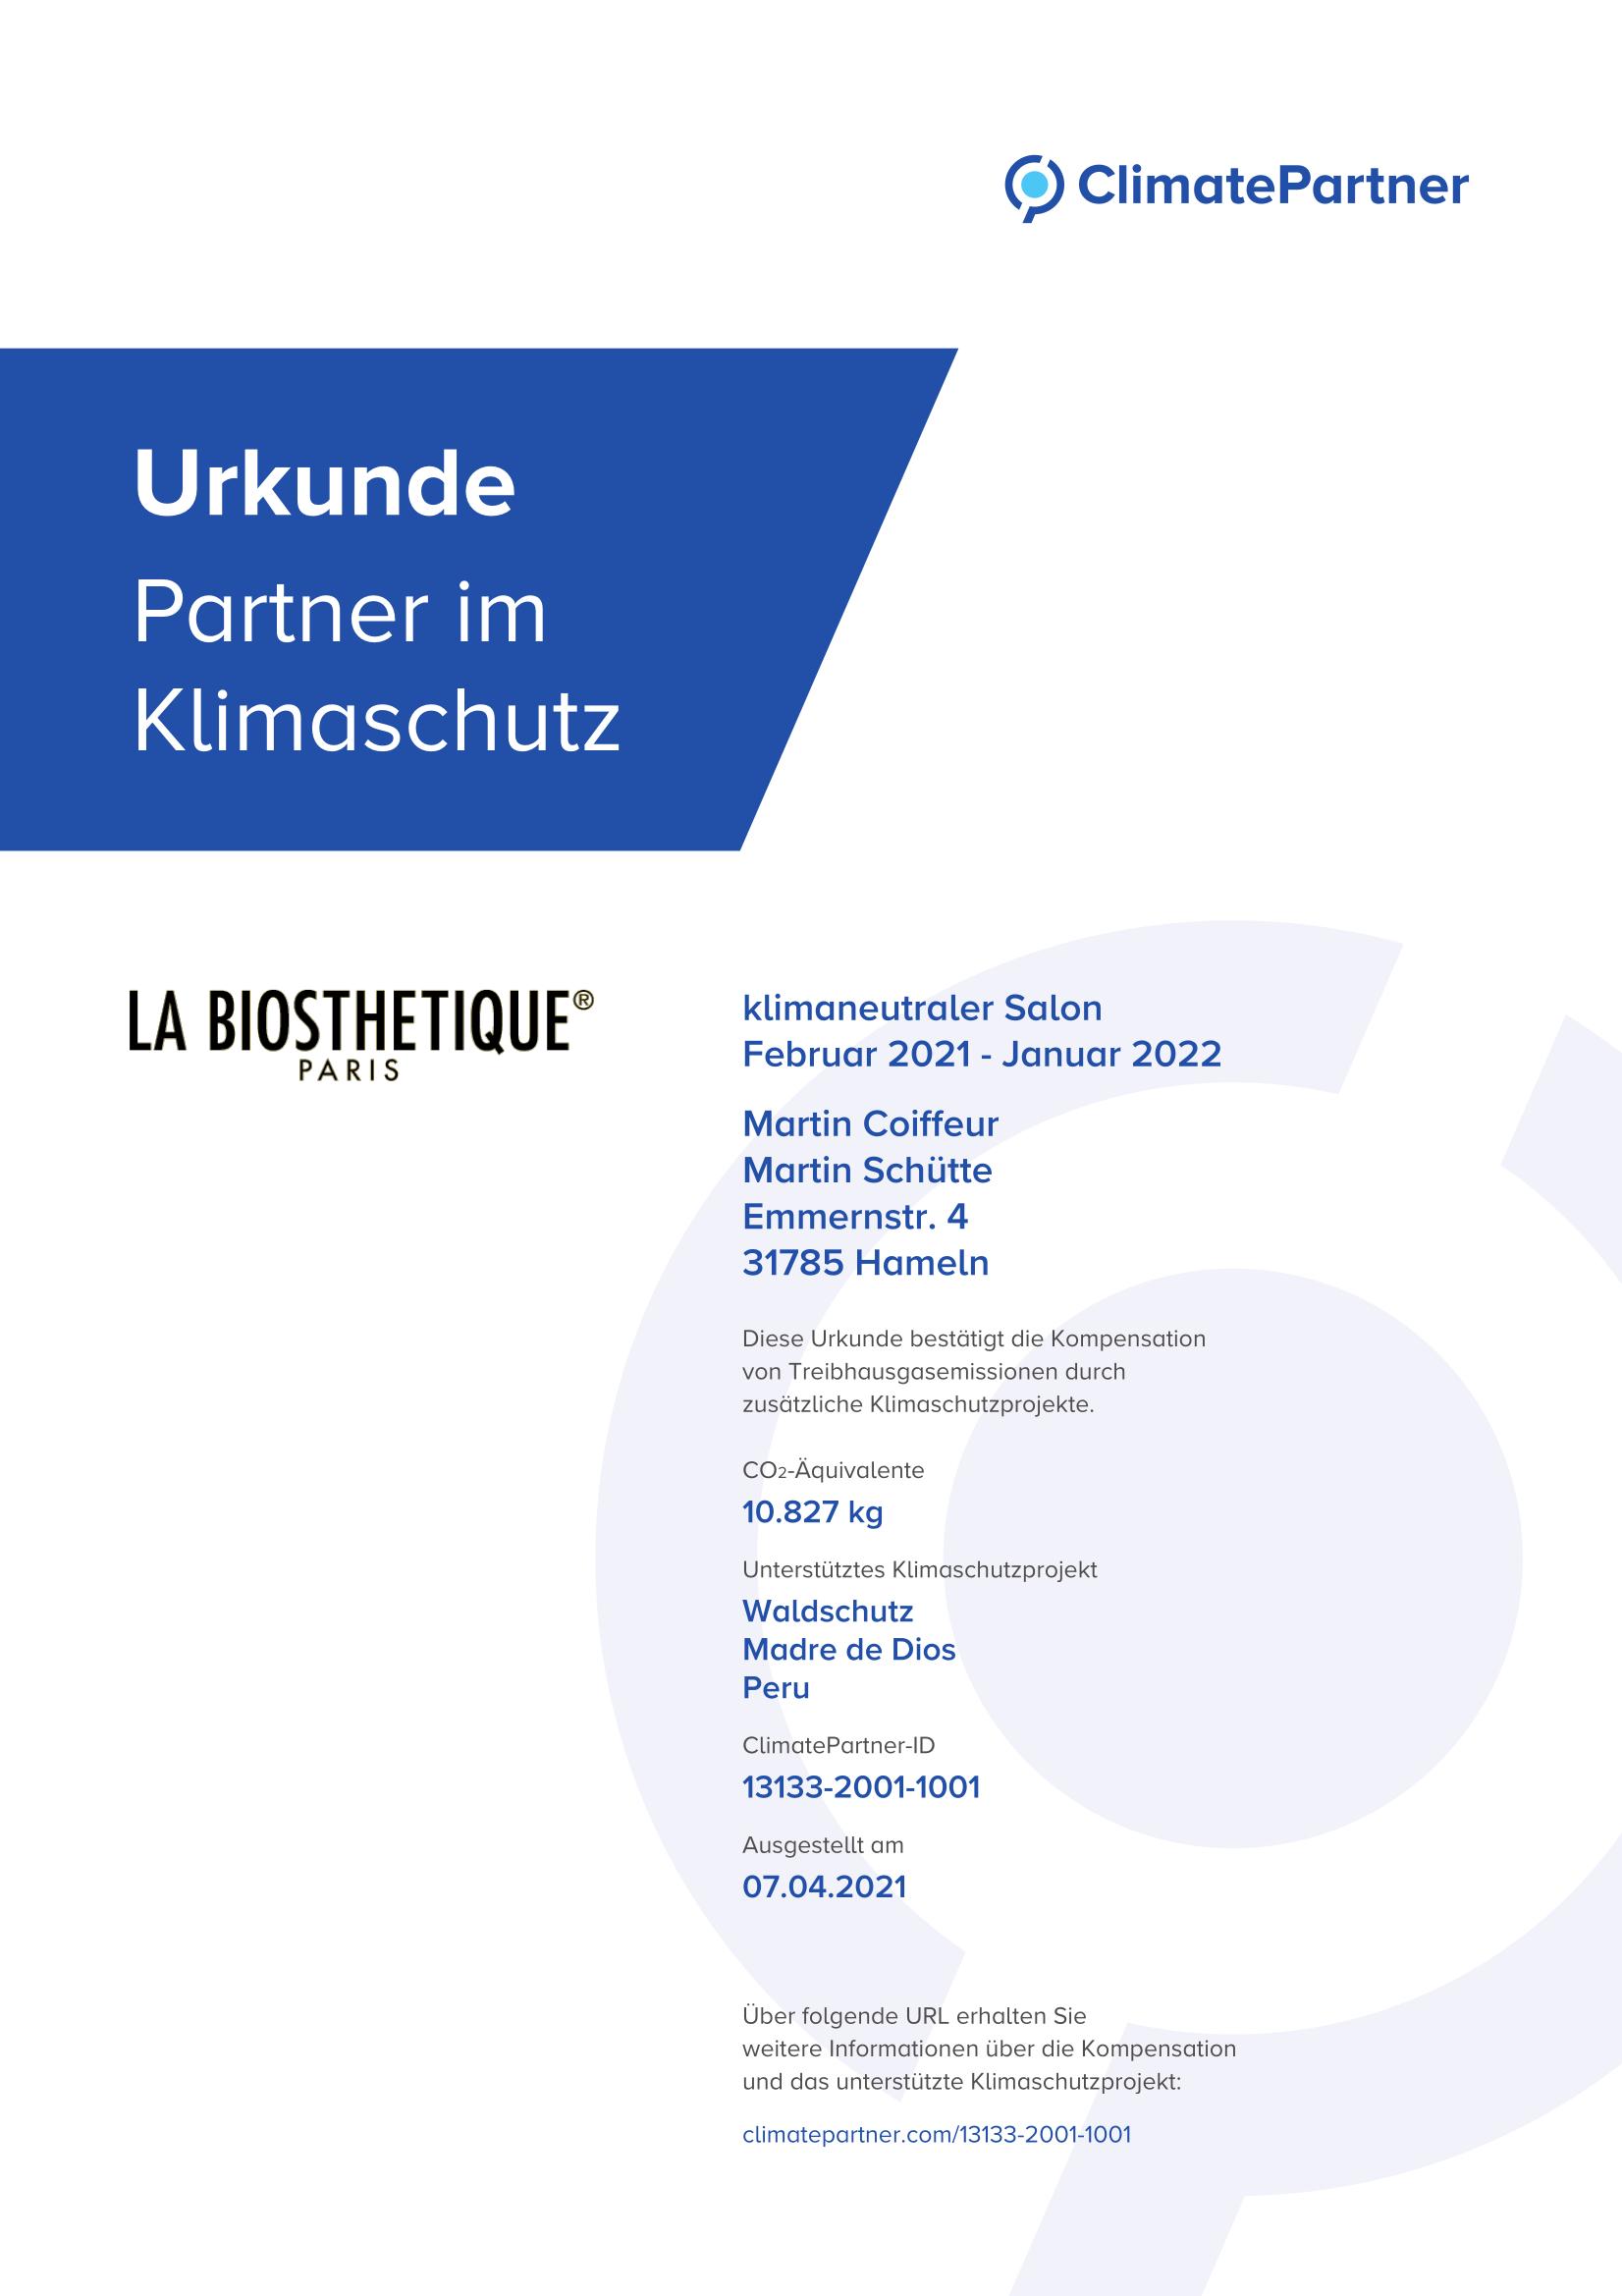 Urkunde Partner im Klimaschutz